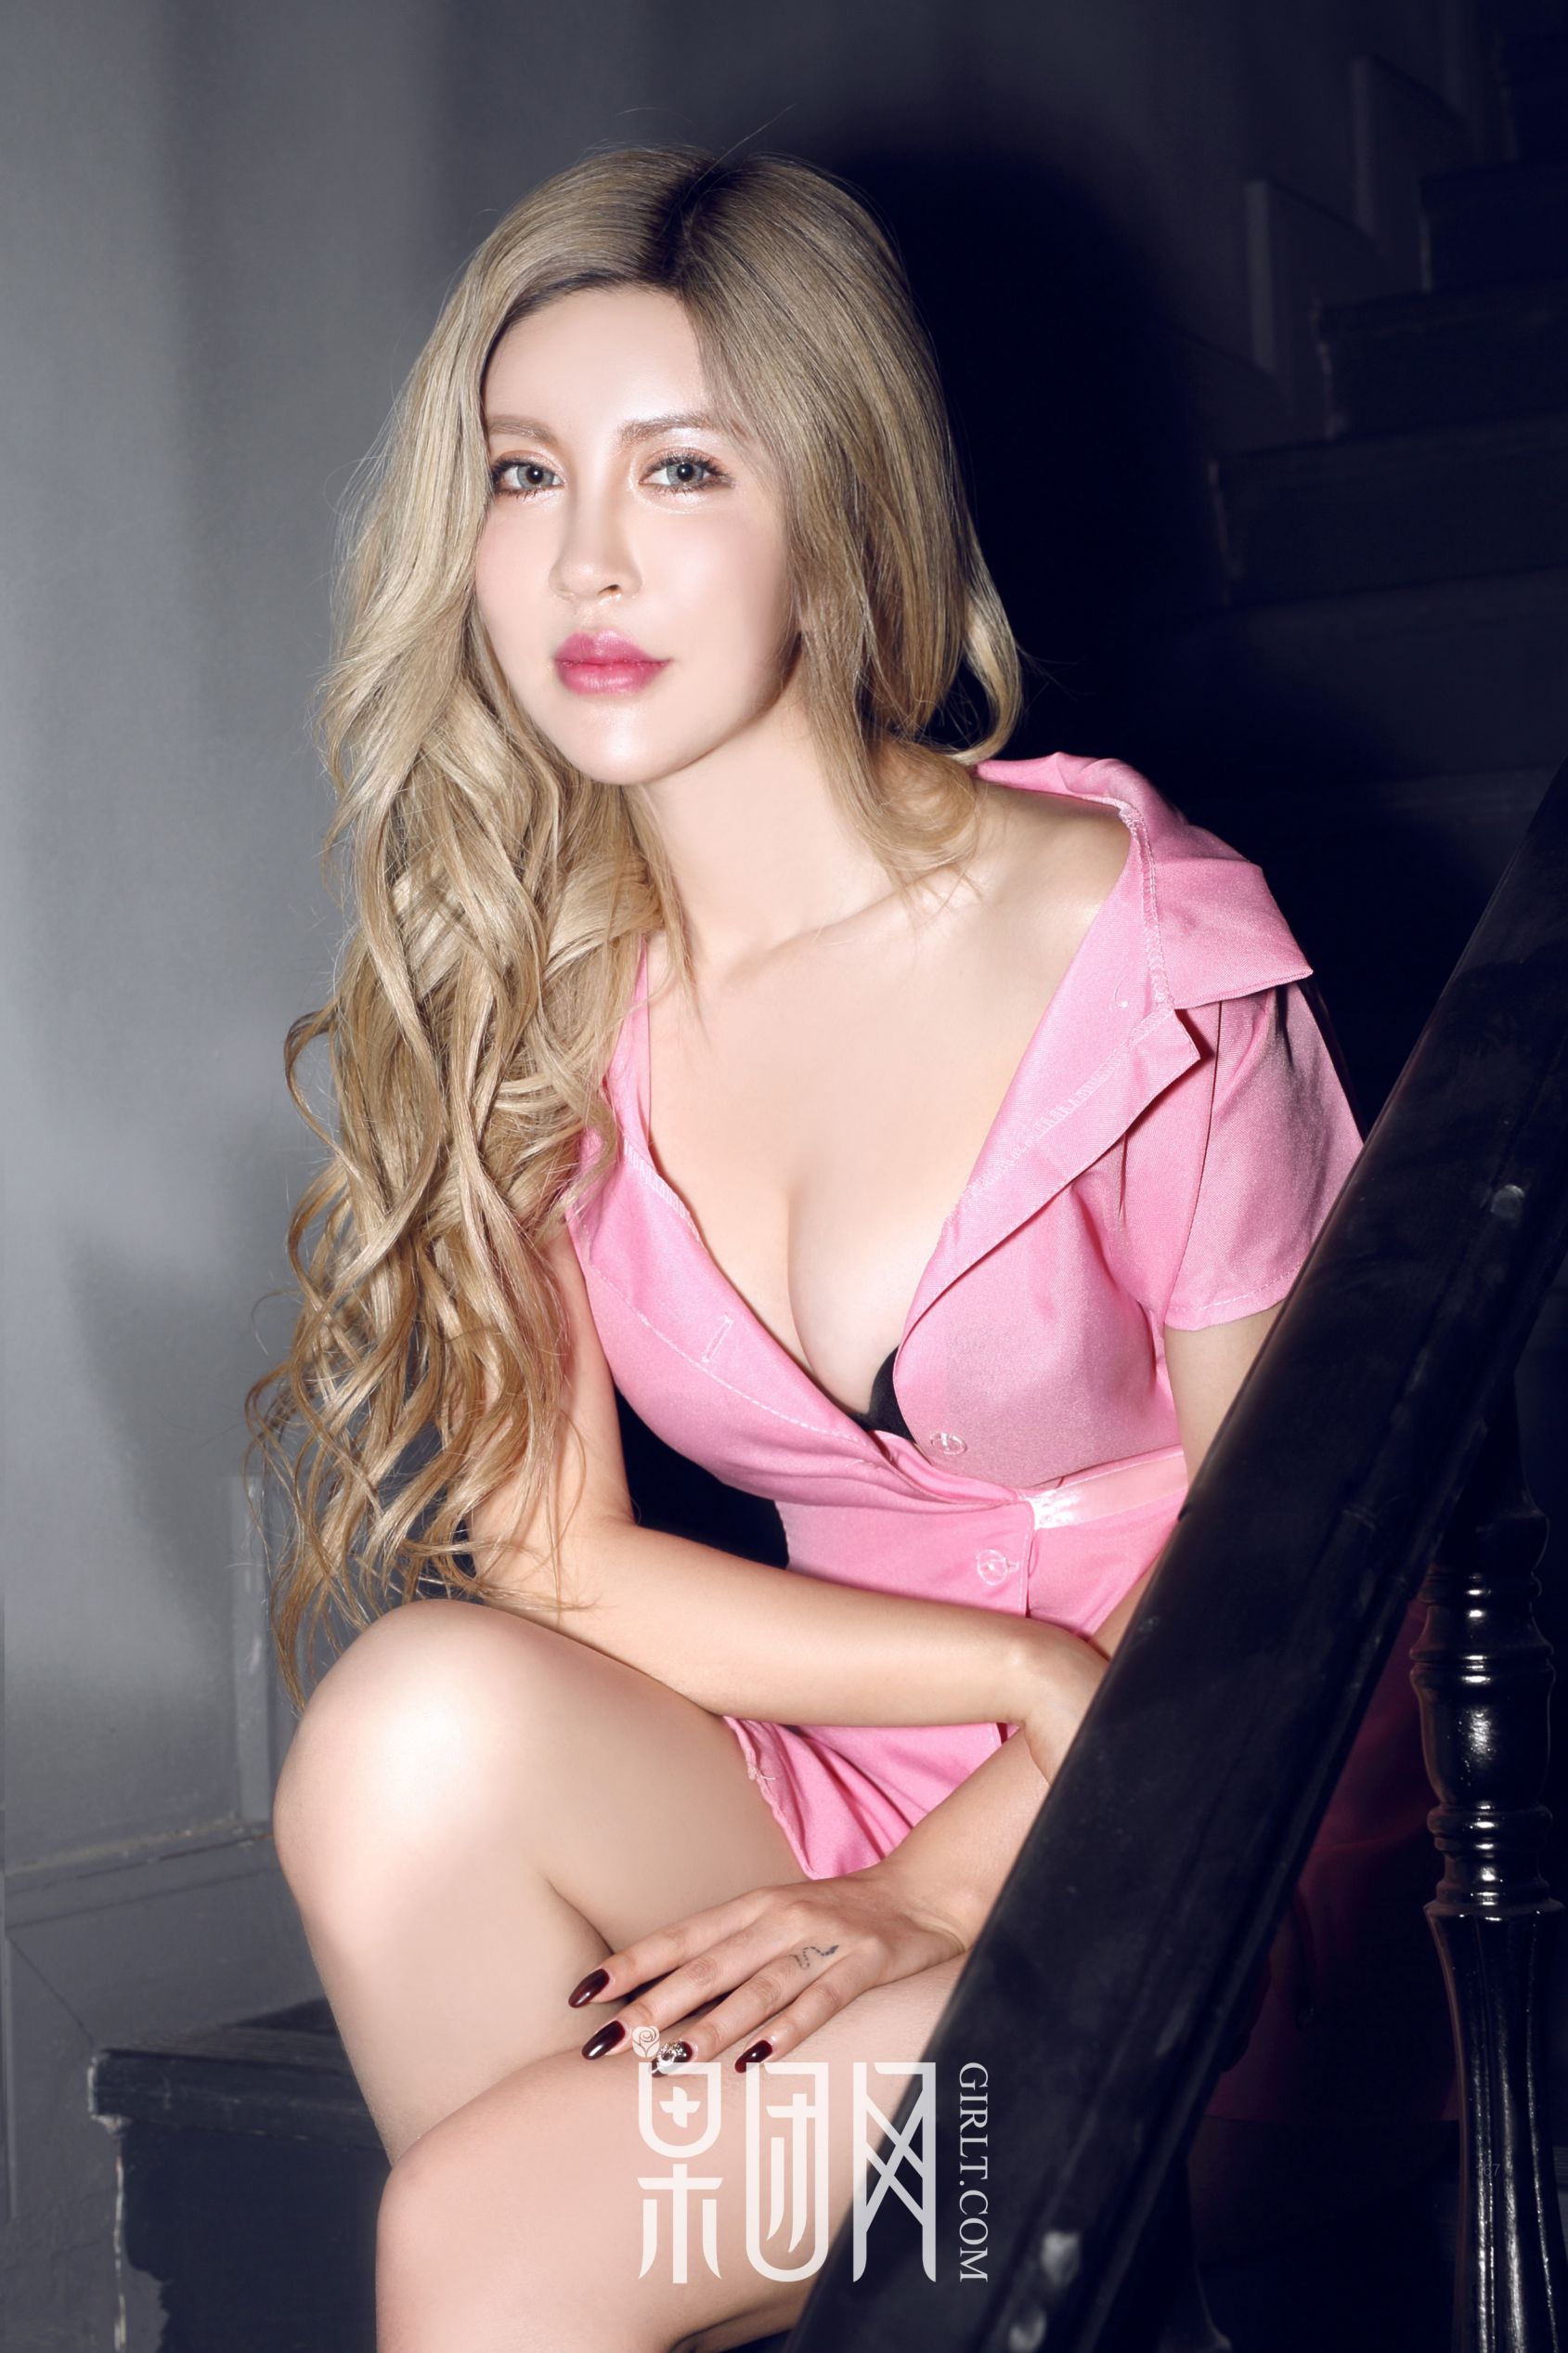 张琳熙 - 金发混血美女 写真套图